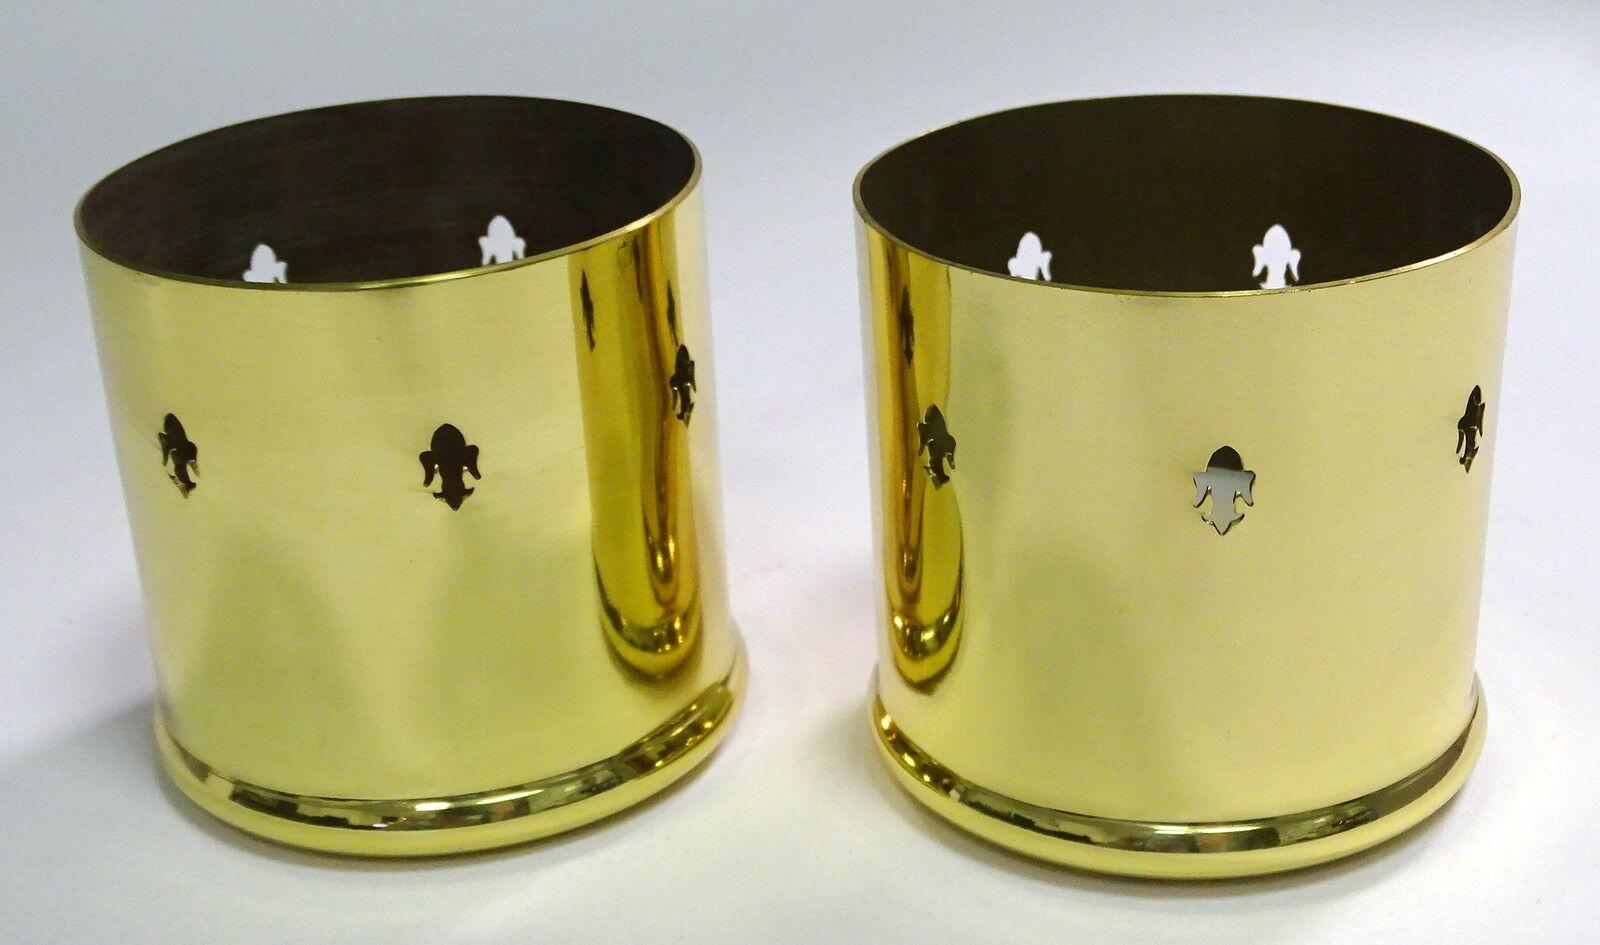 6 - 12 Stück Kerzenhalter Grableuchte Laterne Windlicht Grablicht Grabschmuck  - 6 Stück